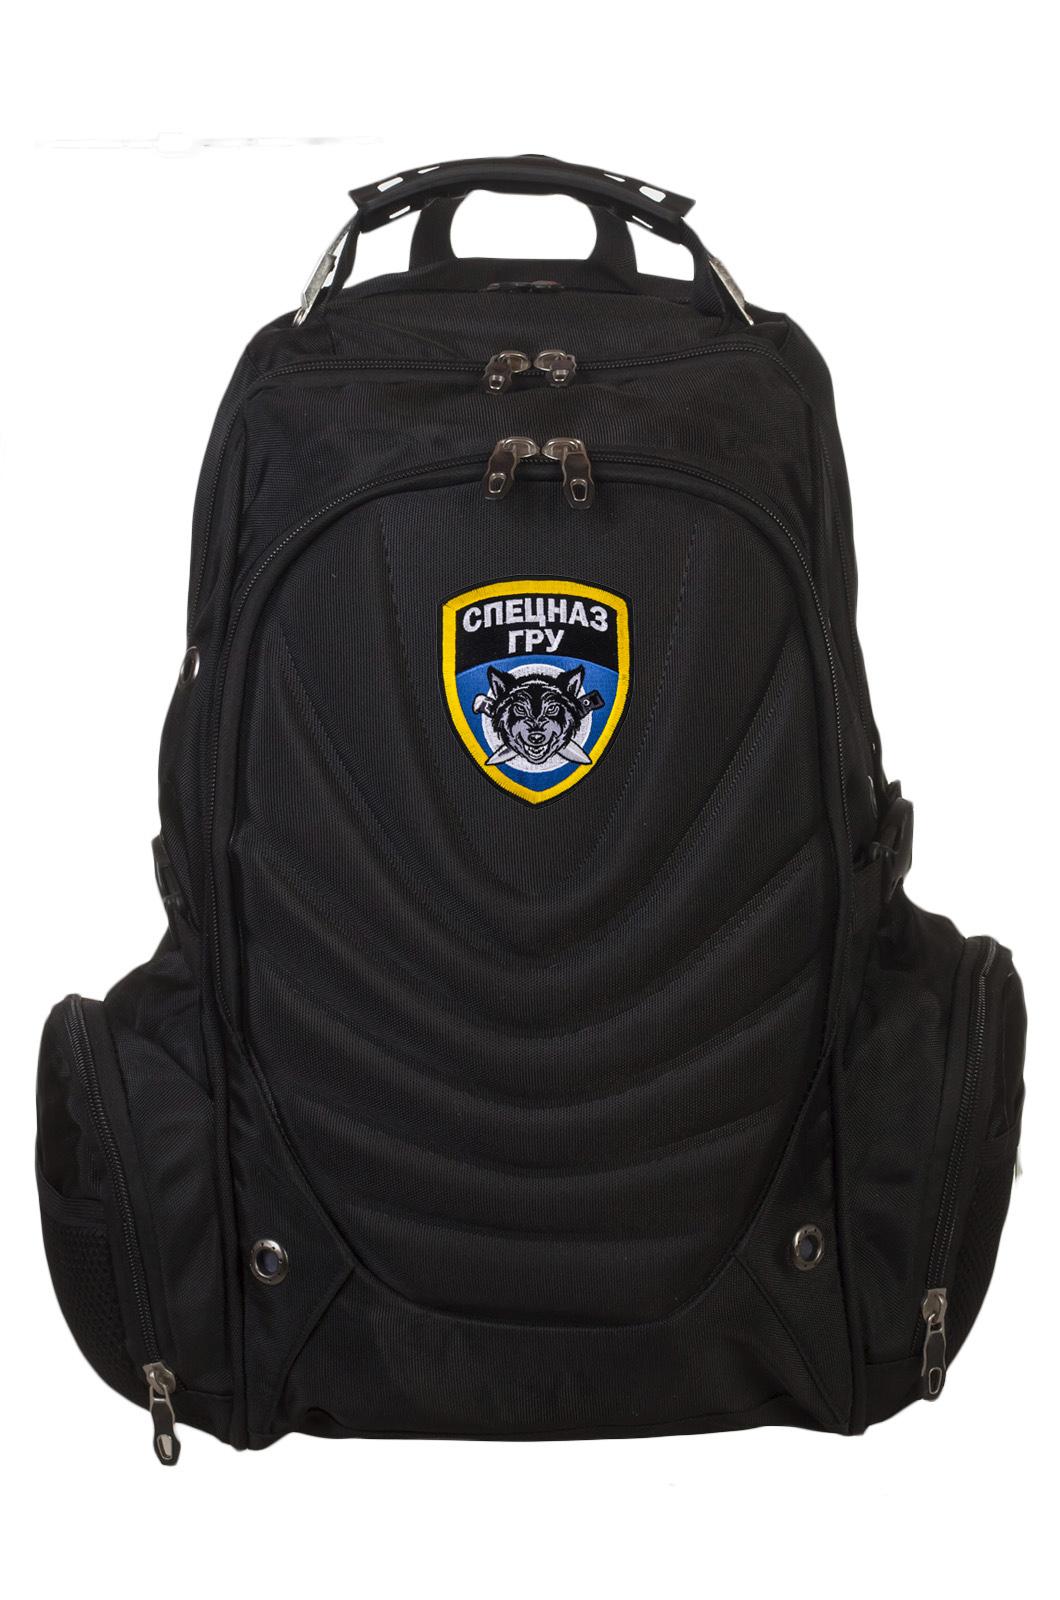 Купить удобный городской рюкзак с шевроном Спецназ ГРУ